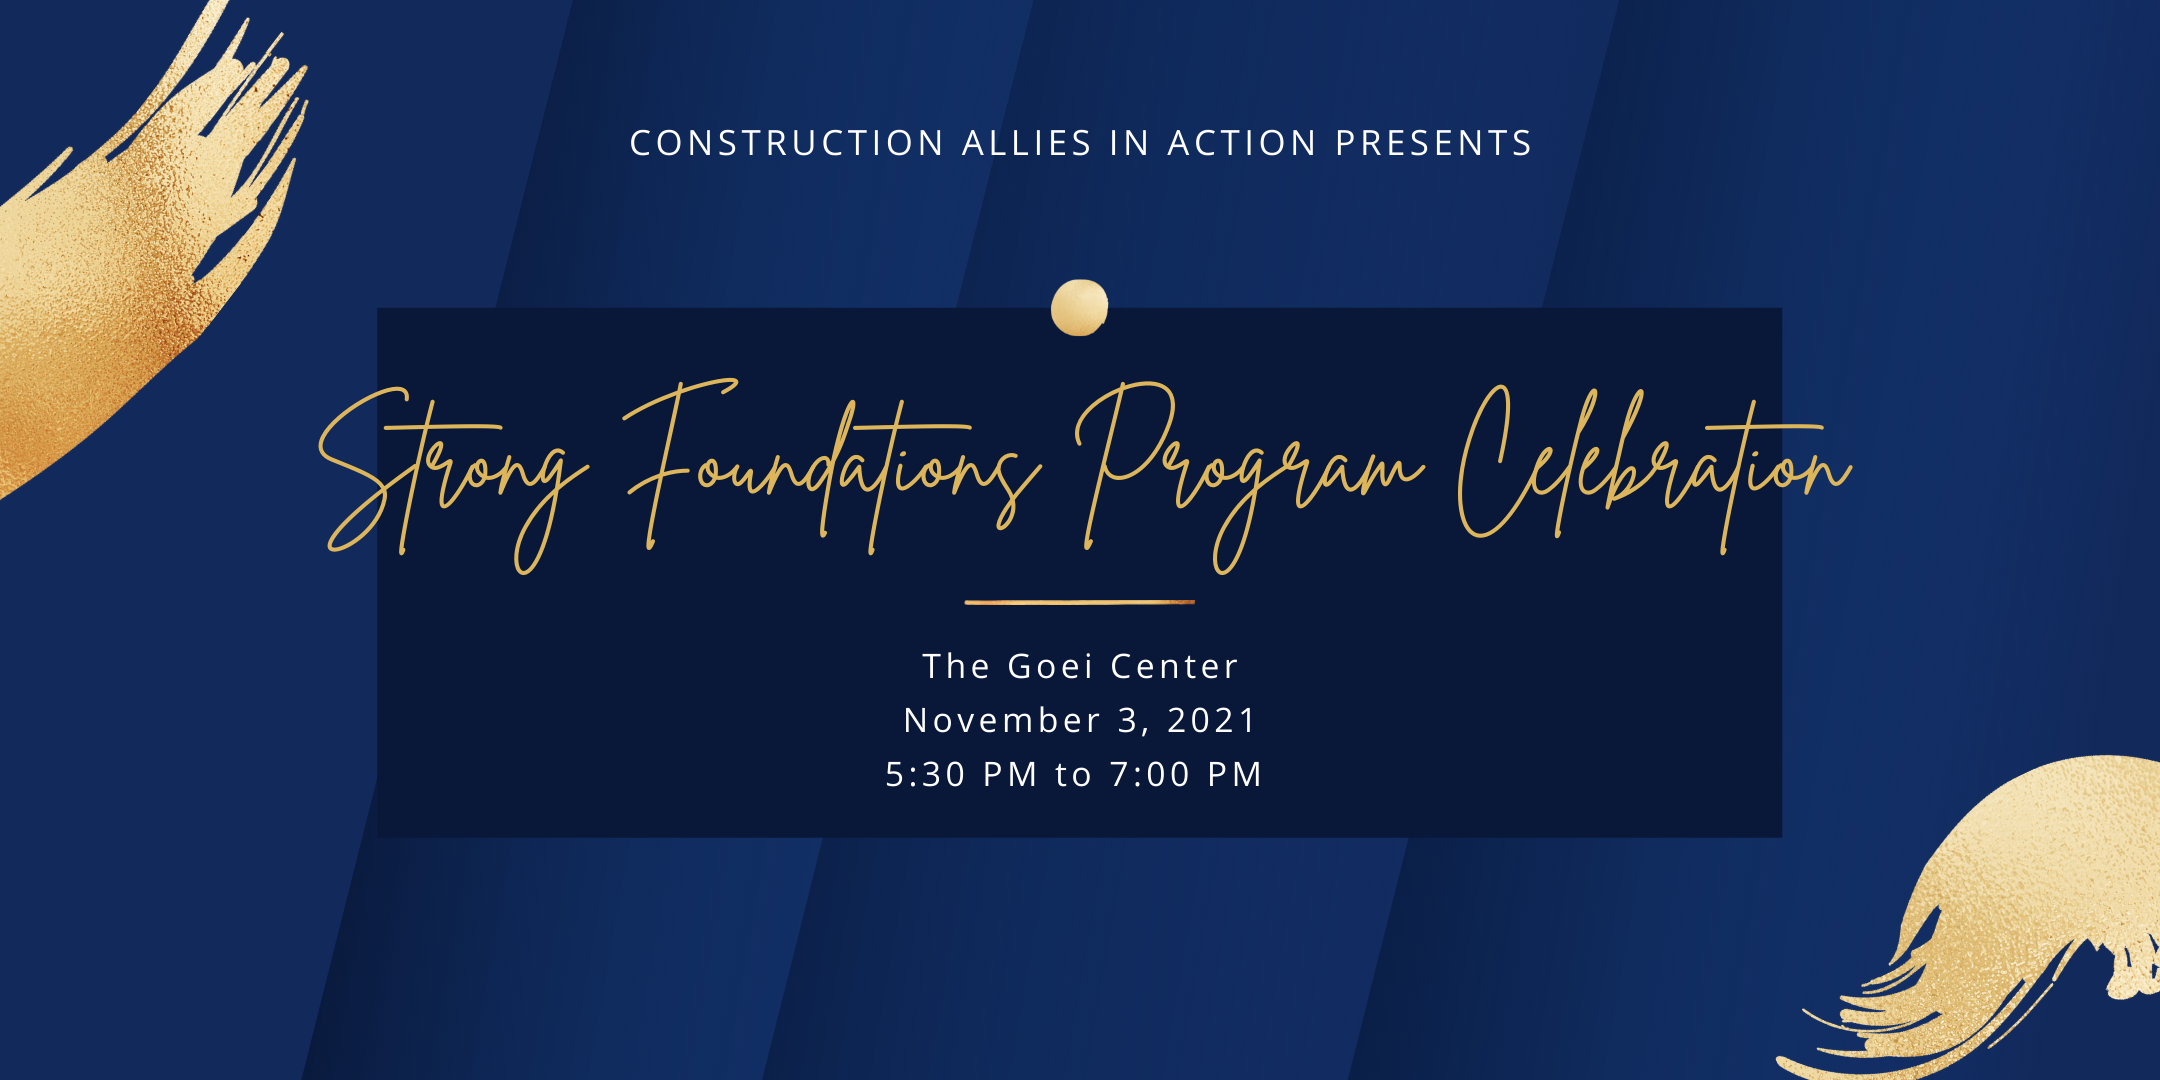 Strong Foundations Program Celebration 2021